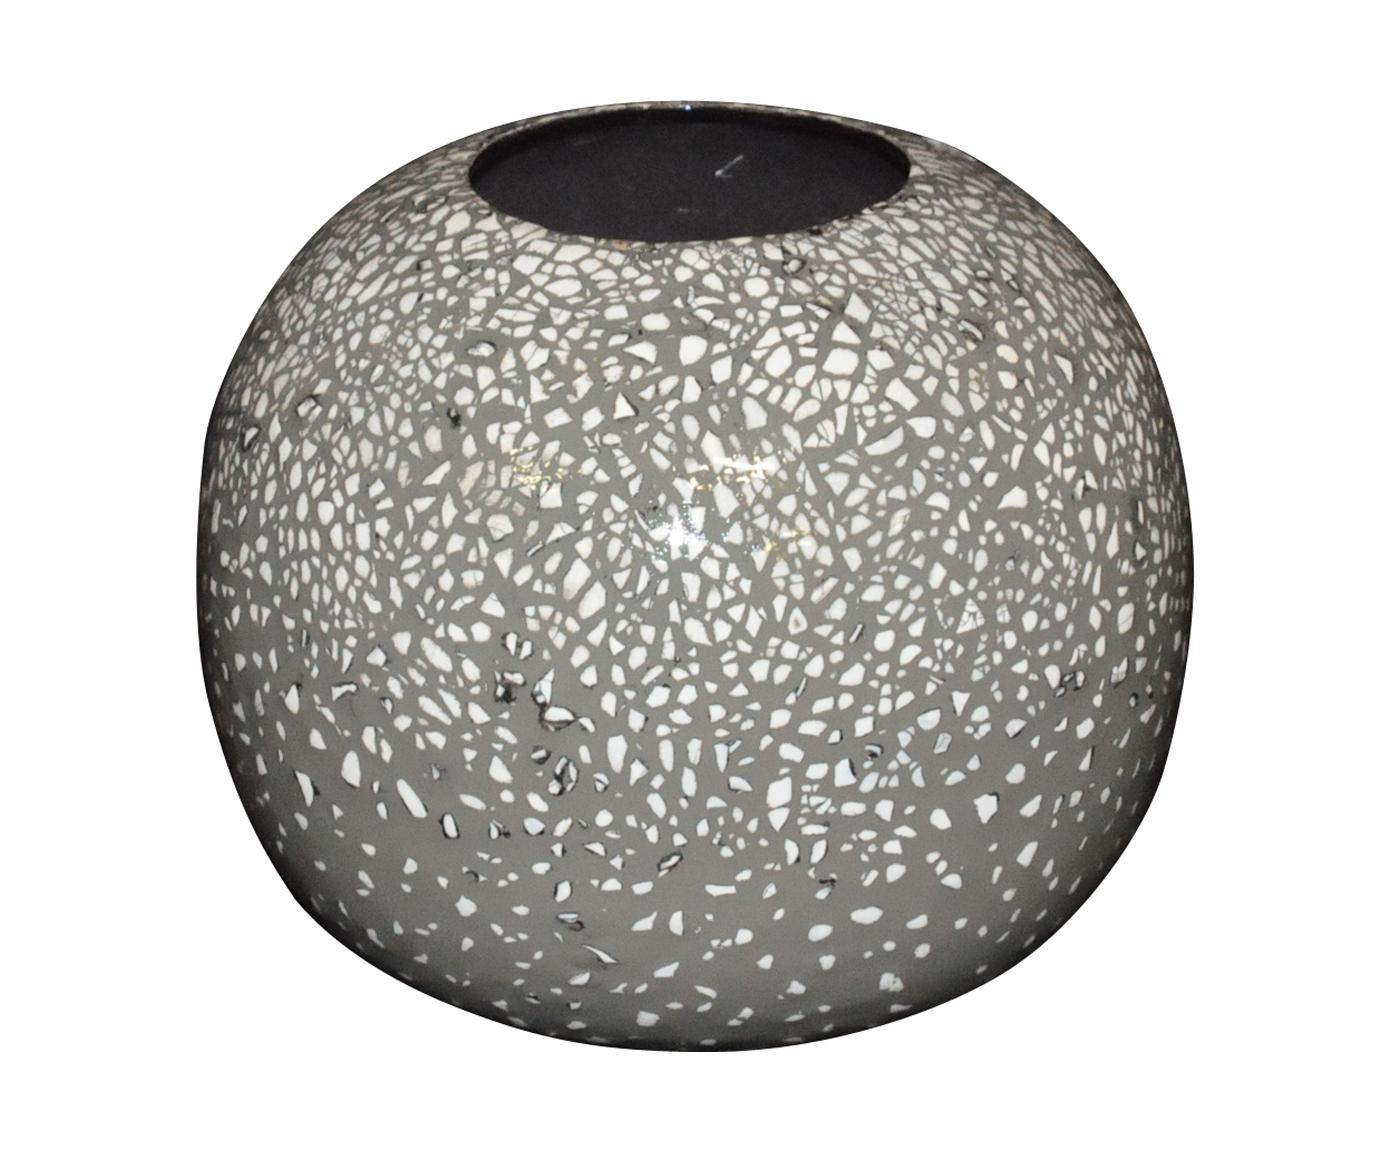 Joli Vase Boule Céramique Coquille D'oeuf intérieur Boule Céramique Jardin